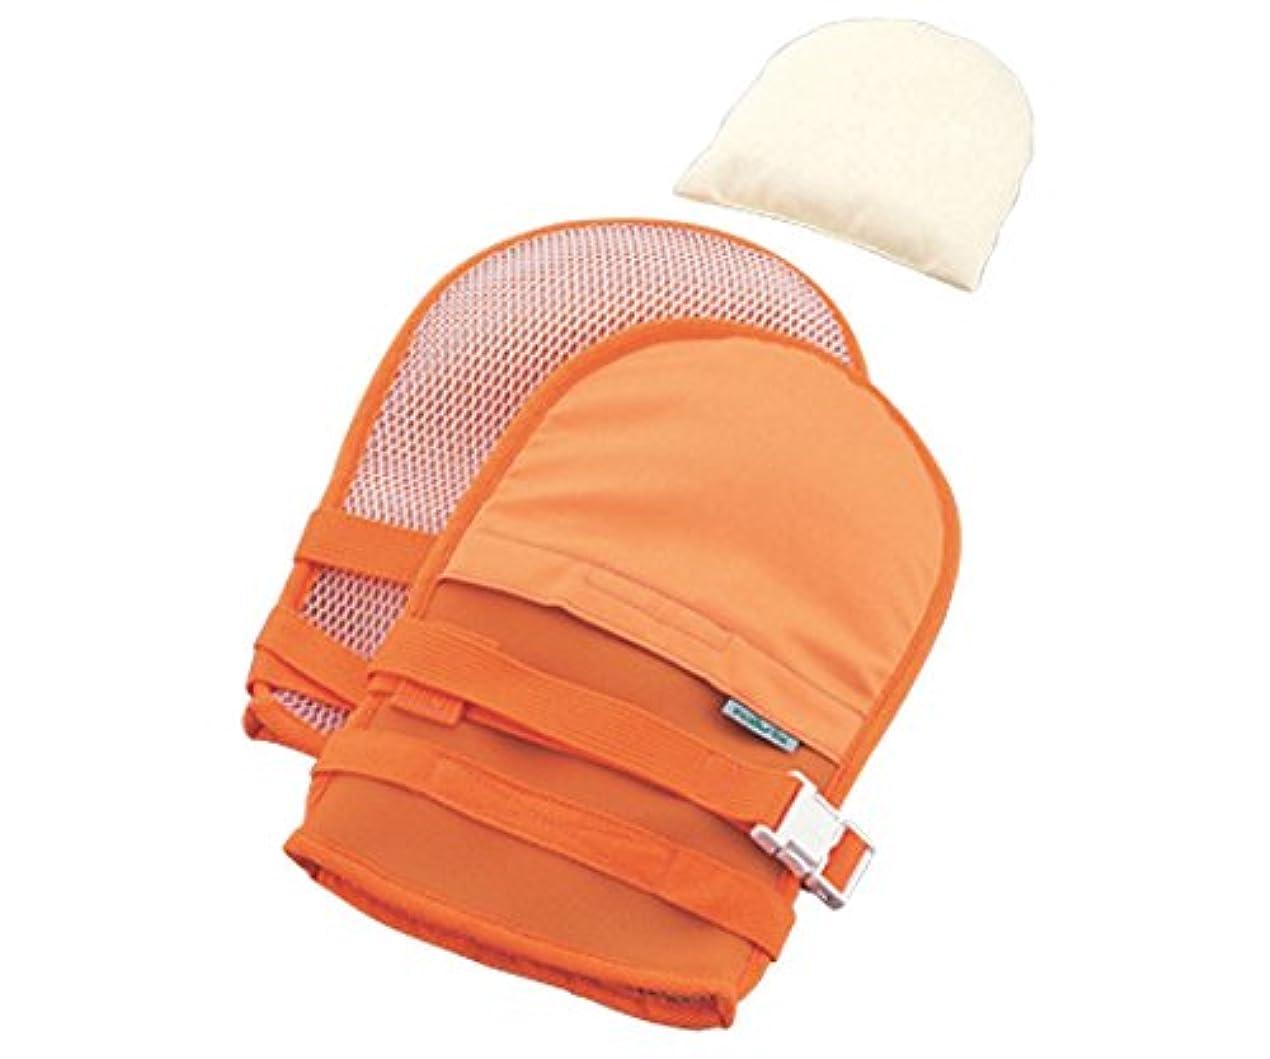 申し込む分岐する緩む抜管防止手袋 中オレンジ /0-1638-42